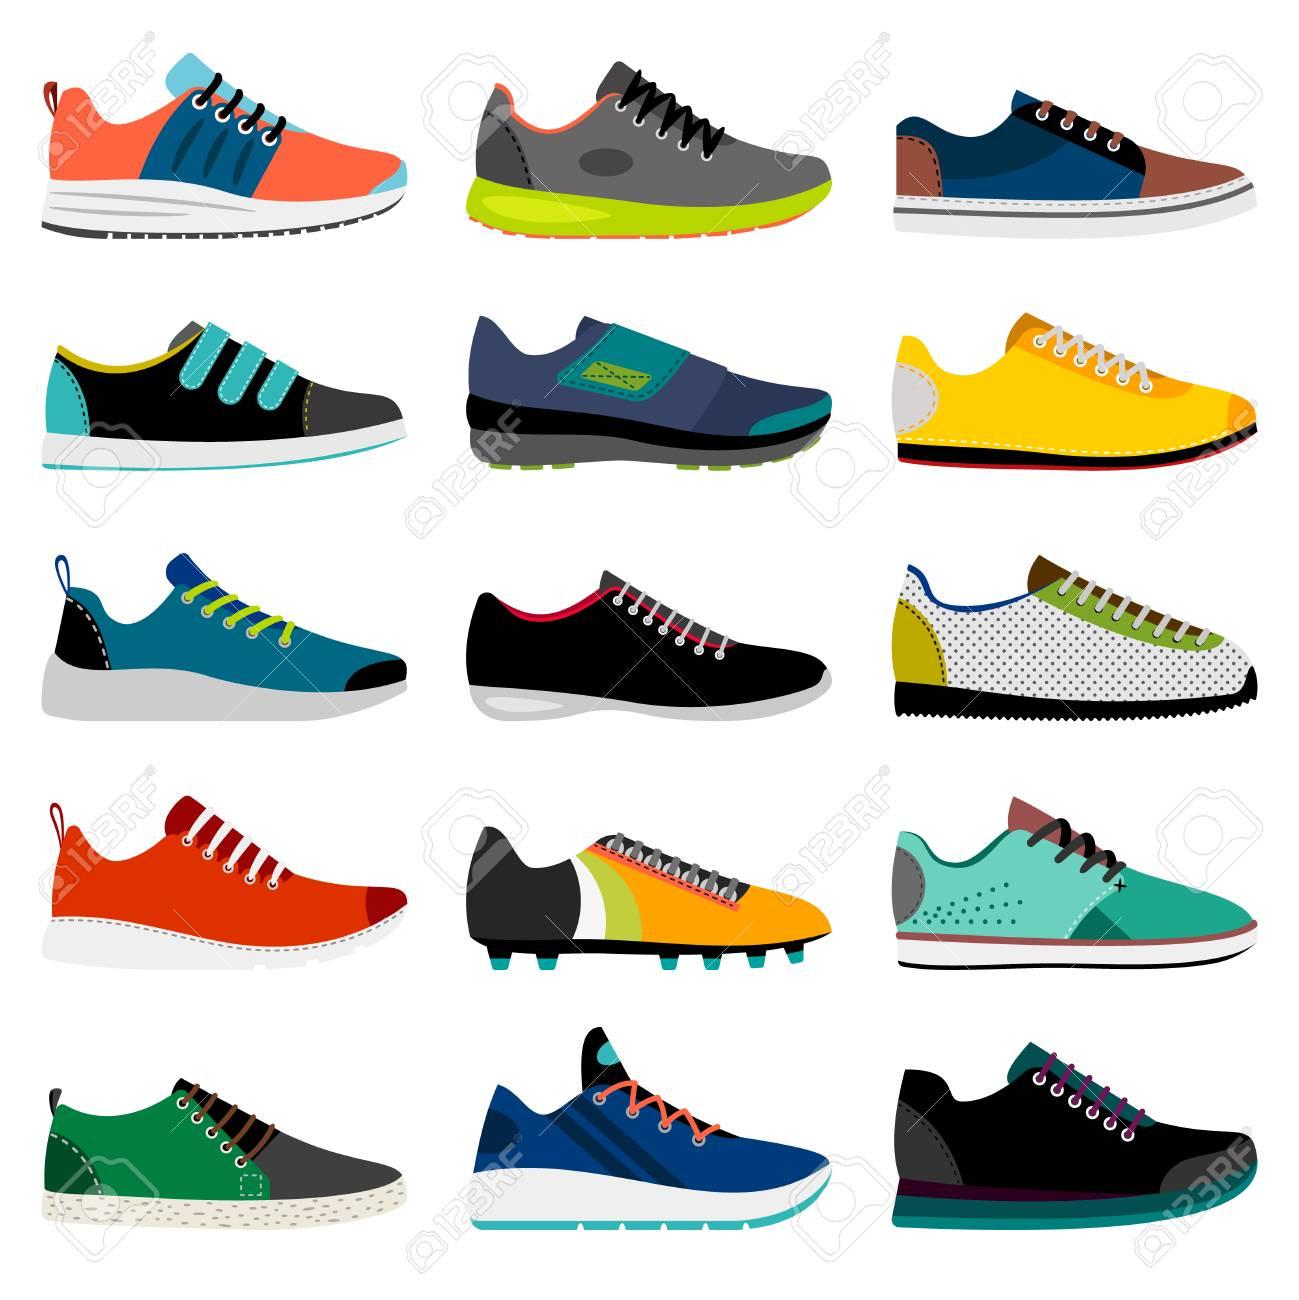 Zapatilla de deporte. Ilustración de vector de zapatillas deportivas, colección de calzado de tienda de deporte de fitness aislado sobre fondo blanco,